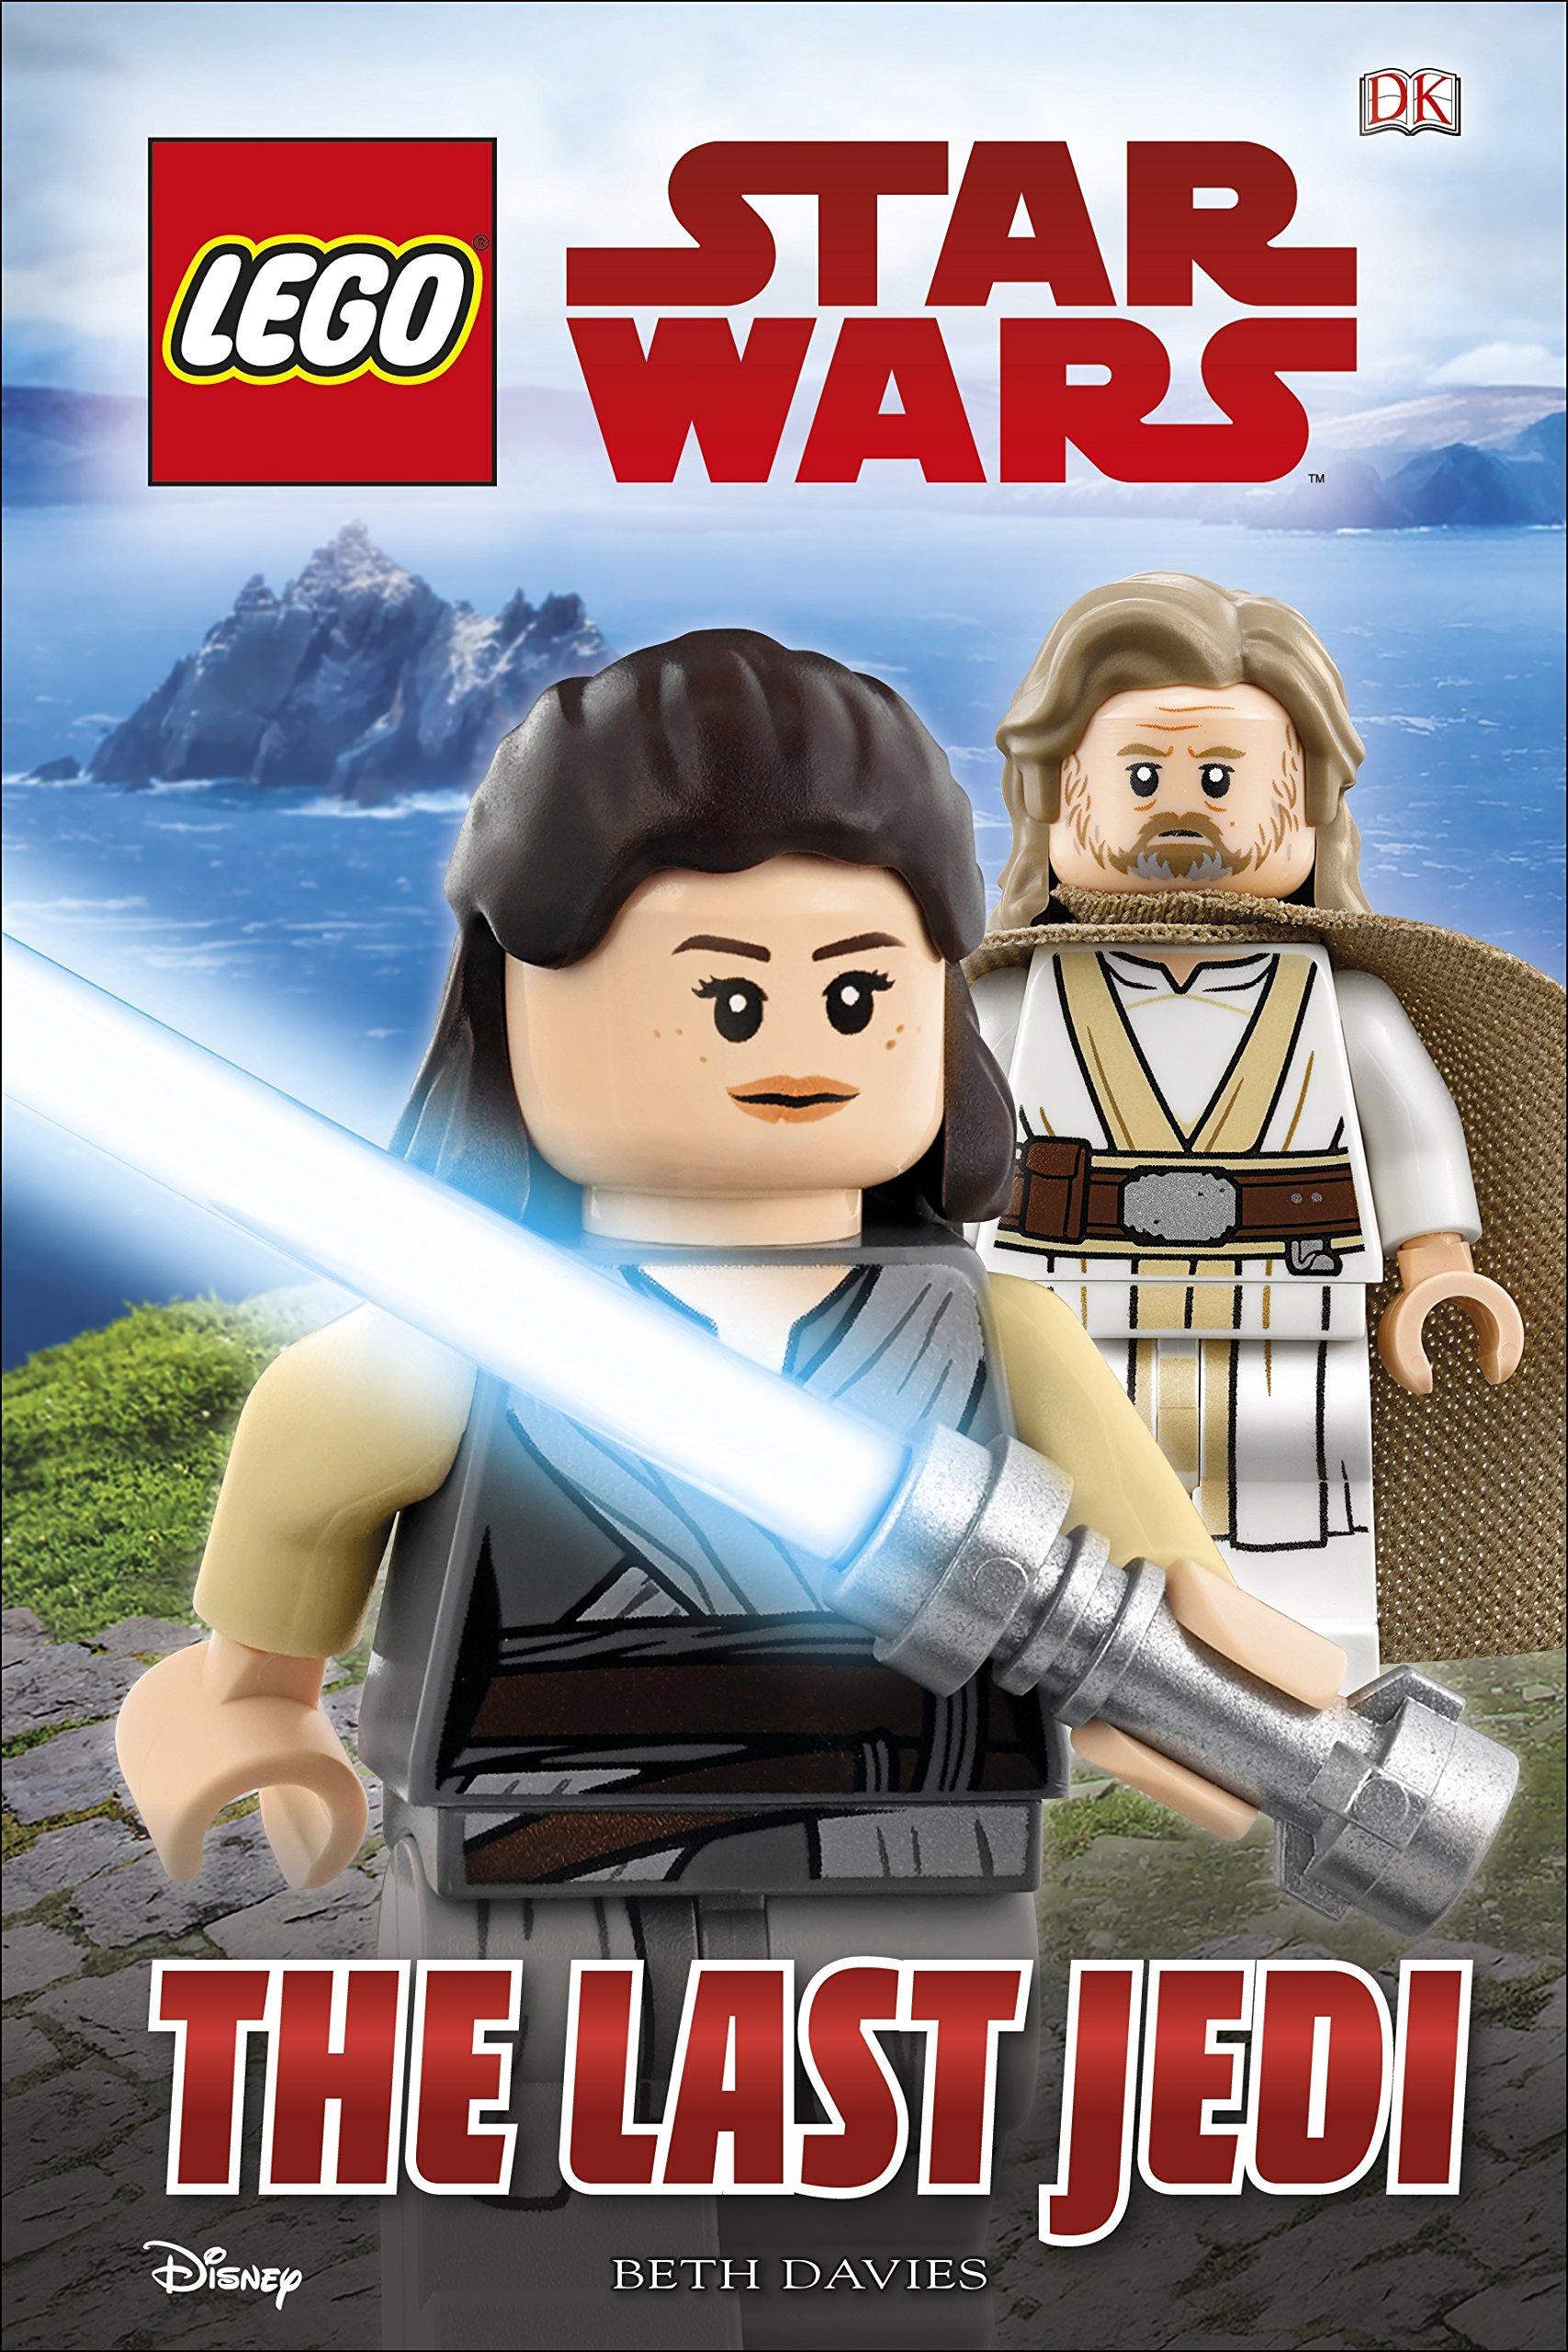 Lego Star Wars: The Last Jedi (DK)